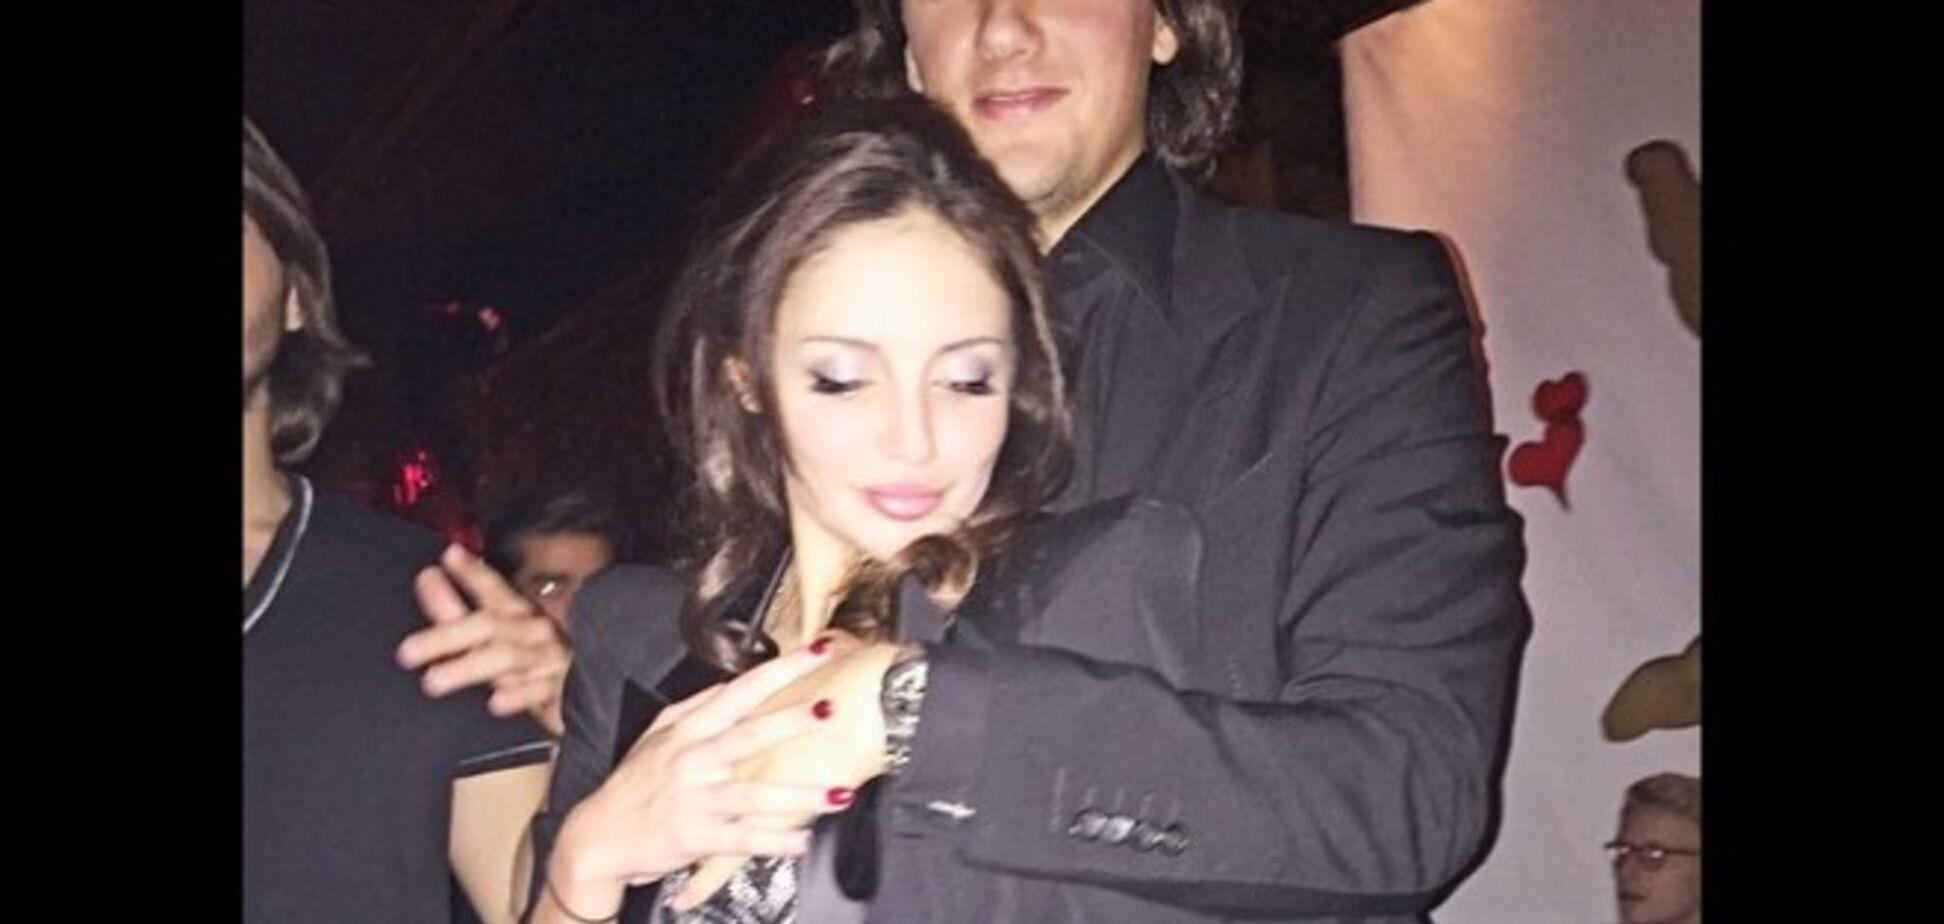 Сын Кернеса отметил свой день рождения в ночном клубе вместе с красоткой-подружкой